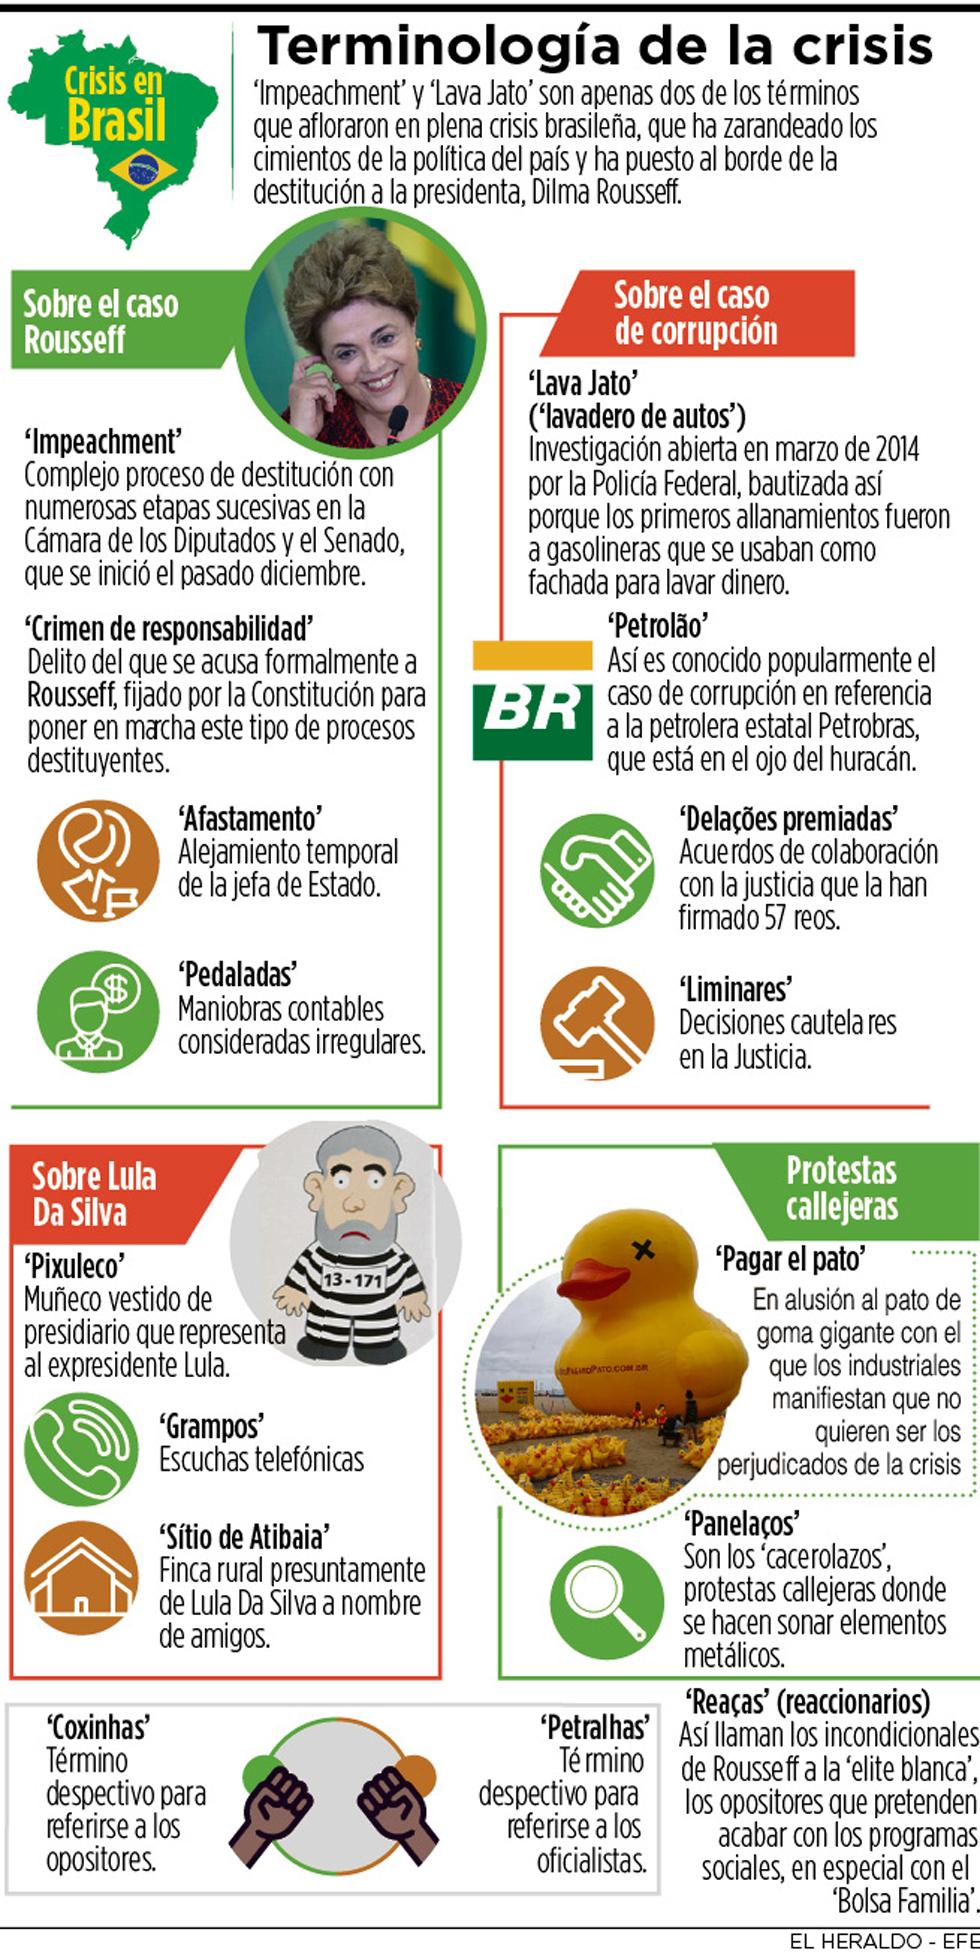 terminologia-de-la-crisis-en-brasils_copy.jpg